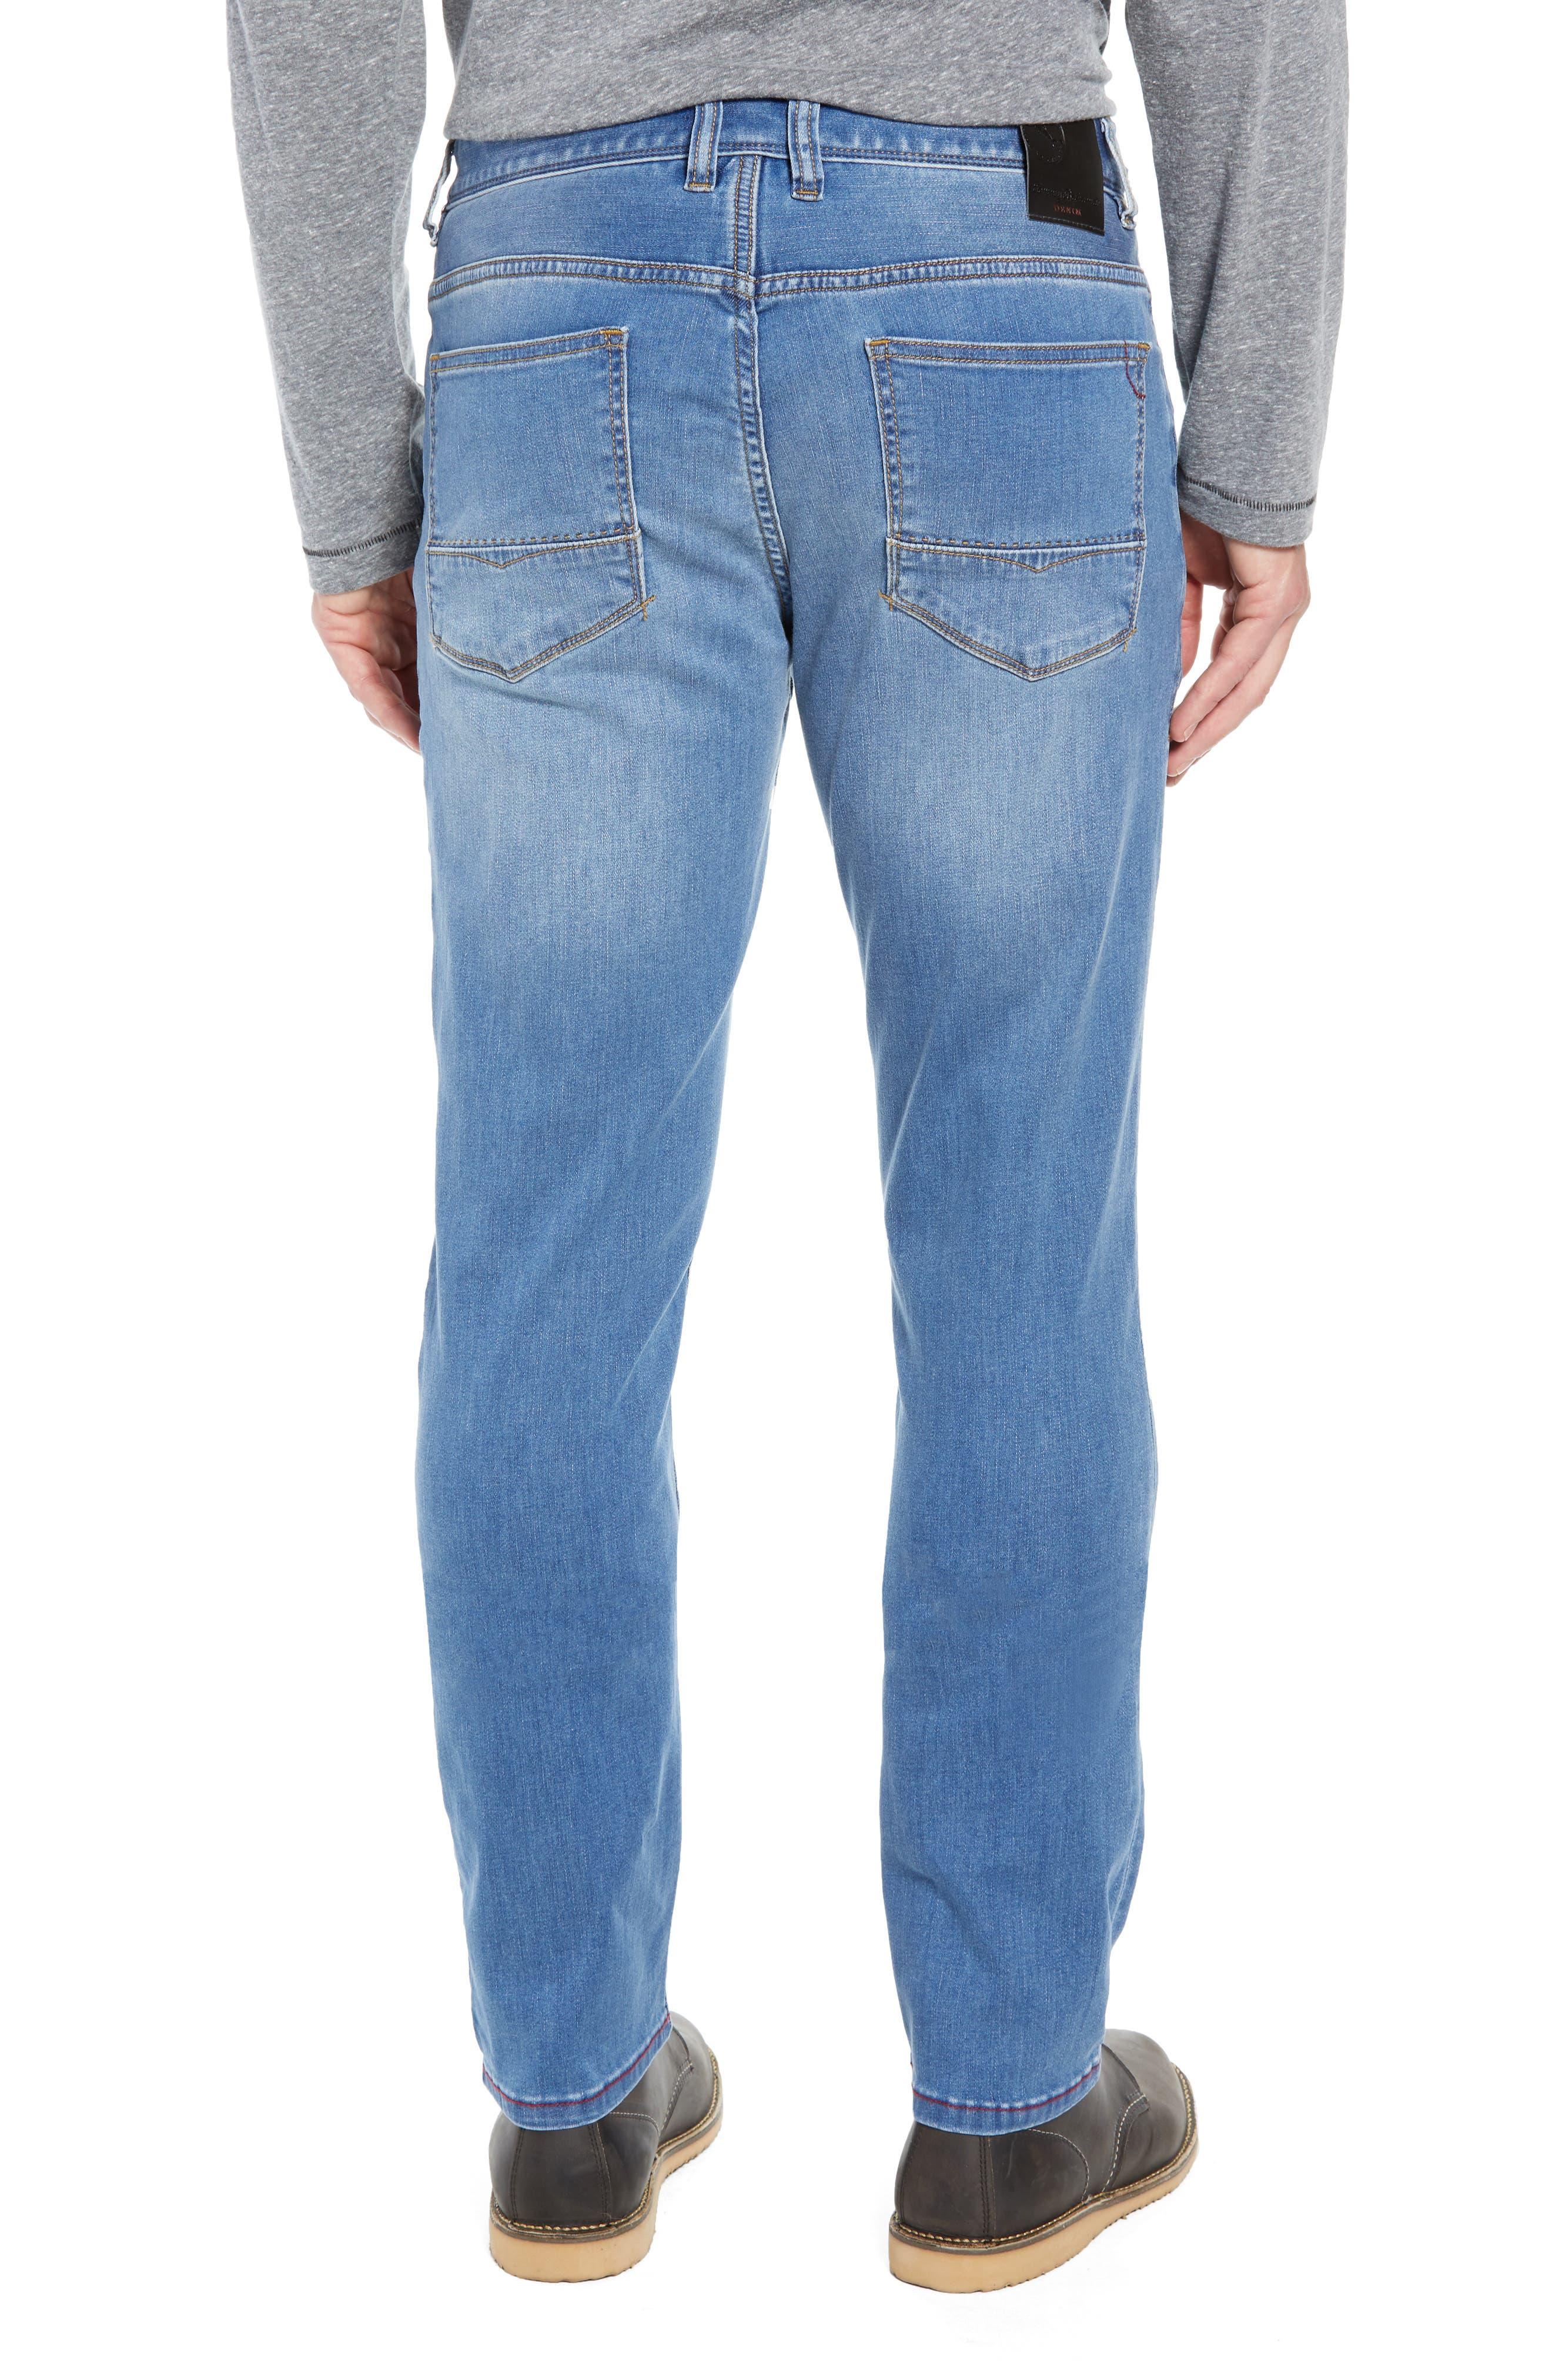 Costa Rica Vintage Regular Fit Jeans,                             Alternate thumbnail 2, color,                             MED WASH